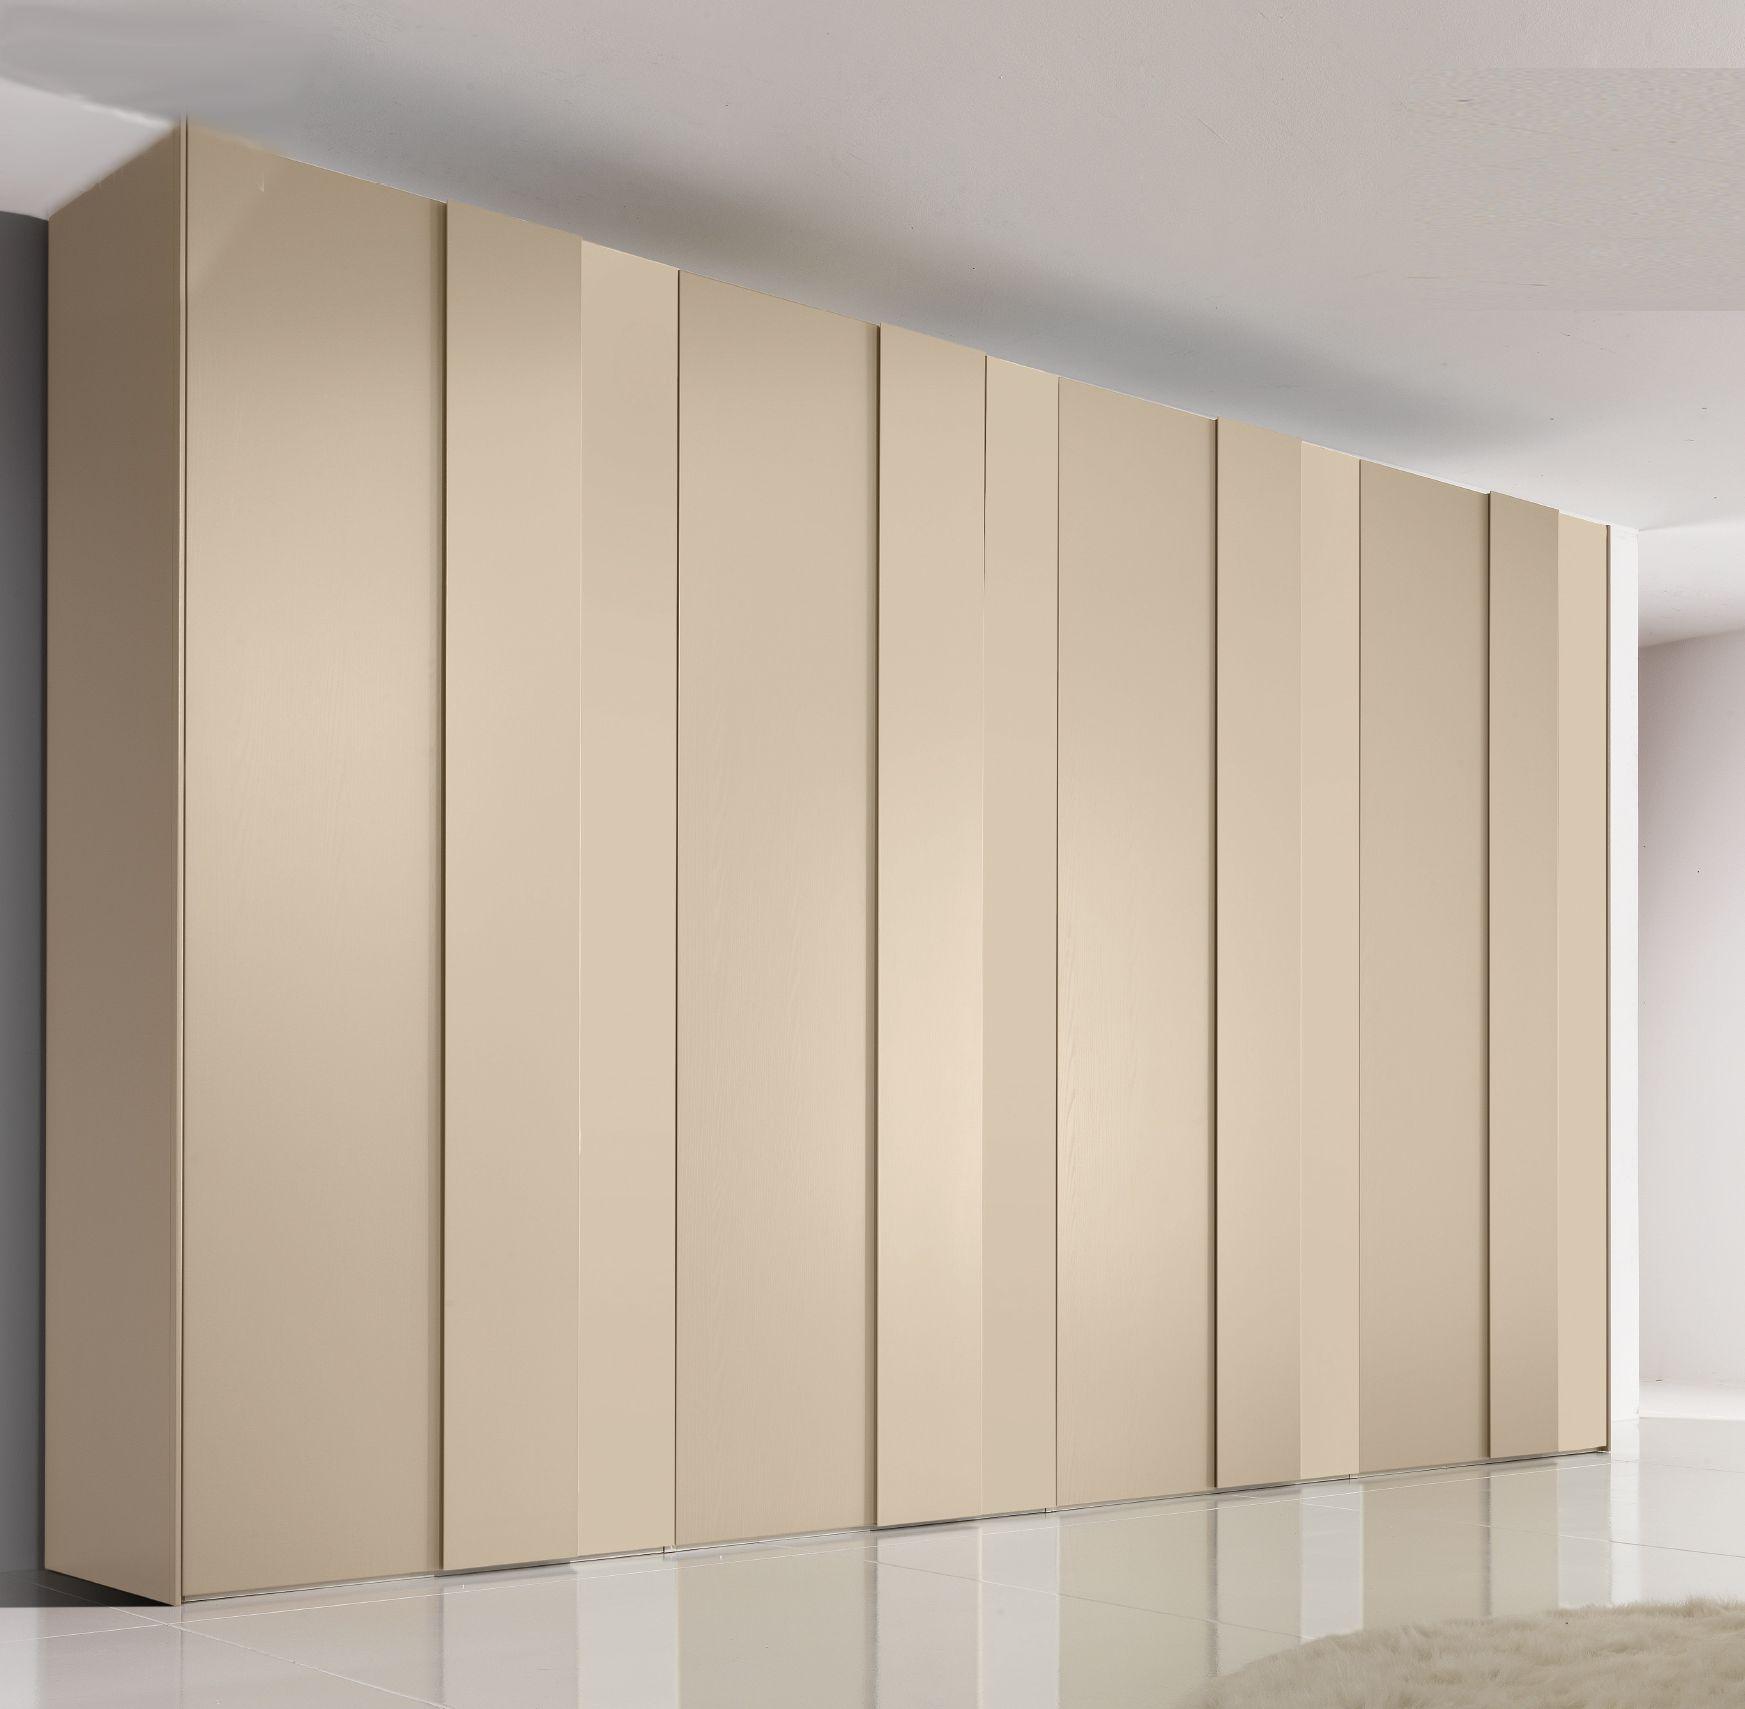 Idaw Schrank Nach Mass Einbauschranke Und Design Kommoden Bedroom Design Inspiration Decor Home Decor